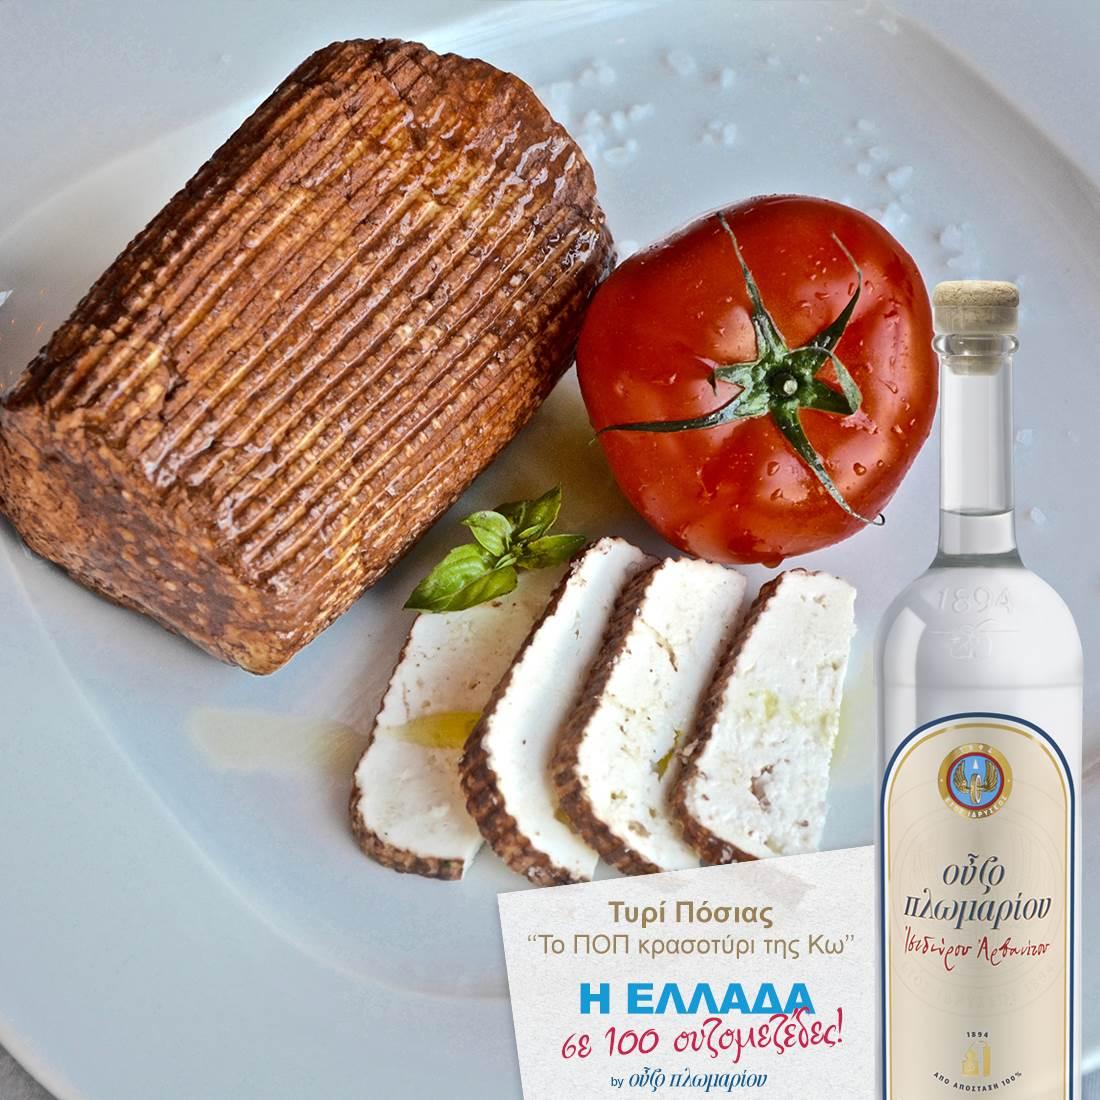 Τυρί Πόσιας - Ουζομεζέδες - Greek Gastronomy Guide